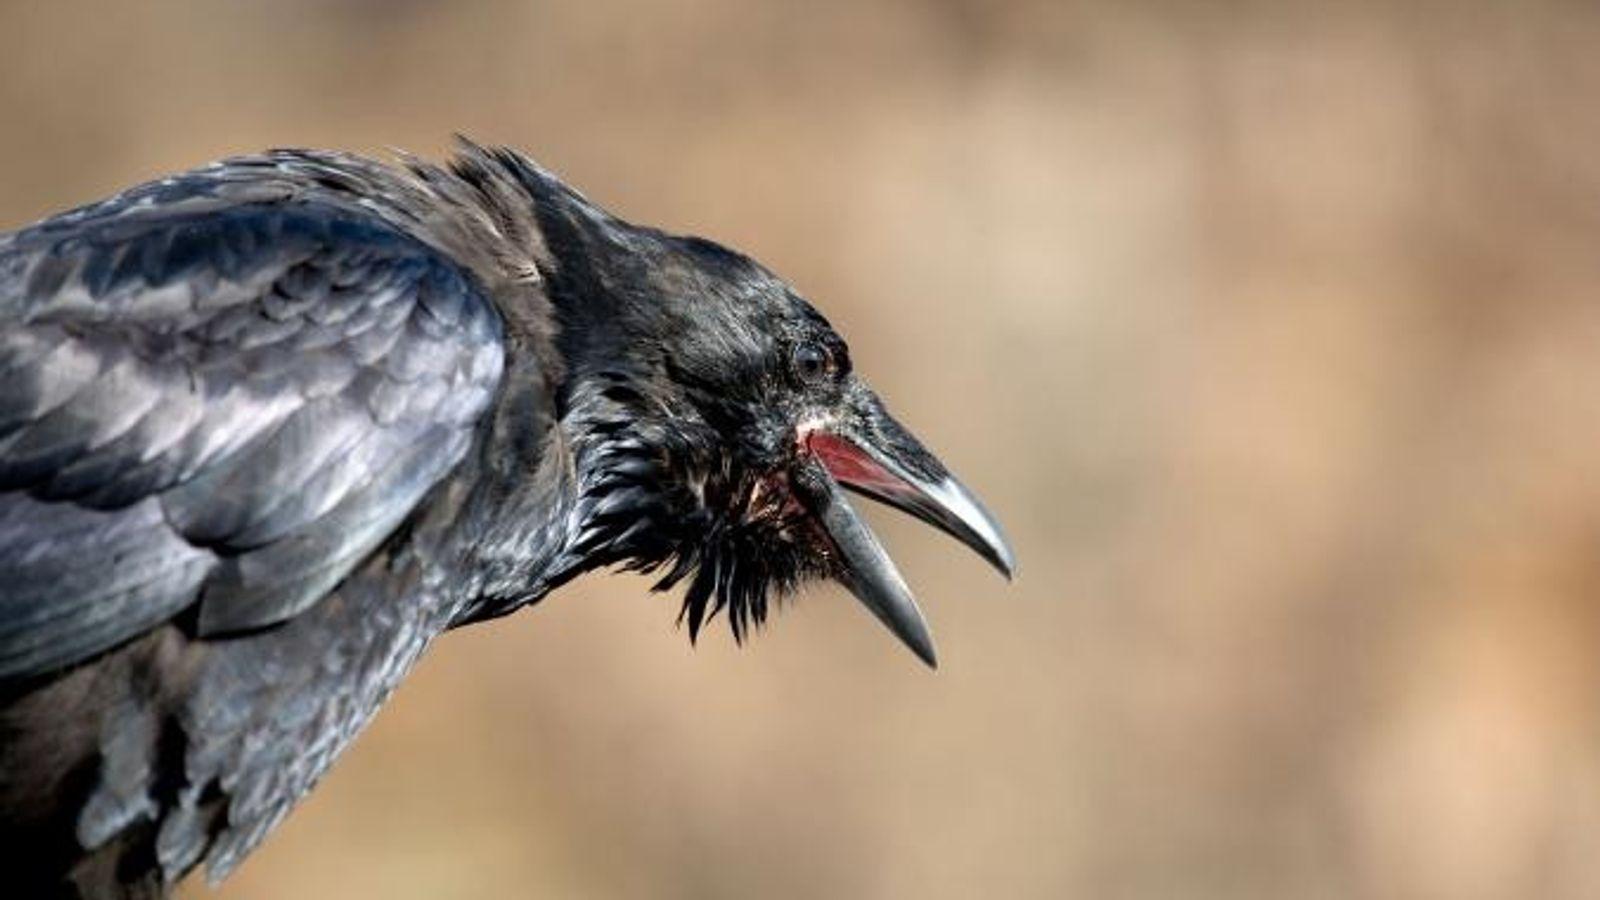 Los cuervos norteamericanos son más pequeños que los cuervos comunes, pero son más agresivos, y atacan ...